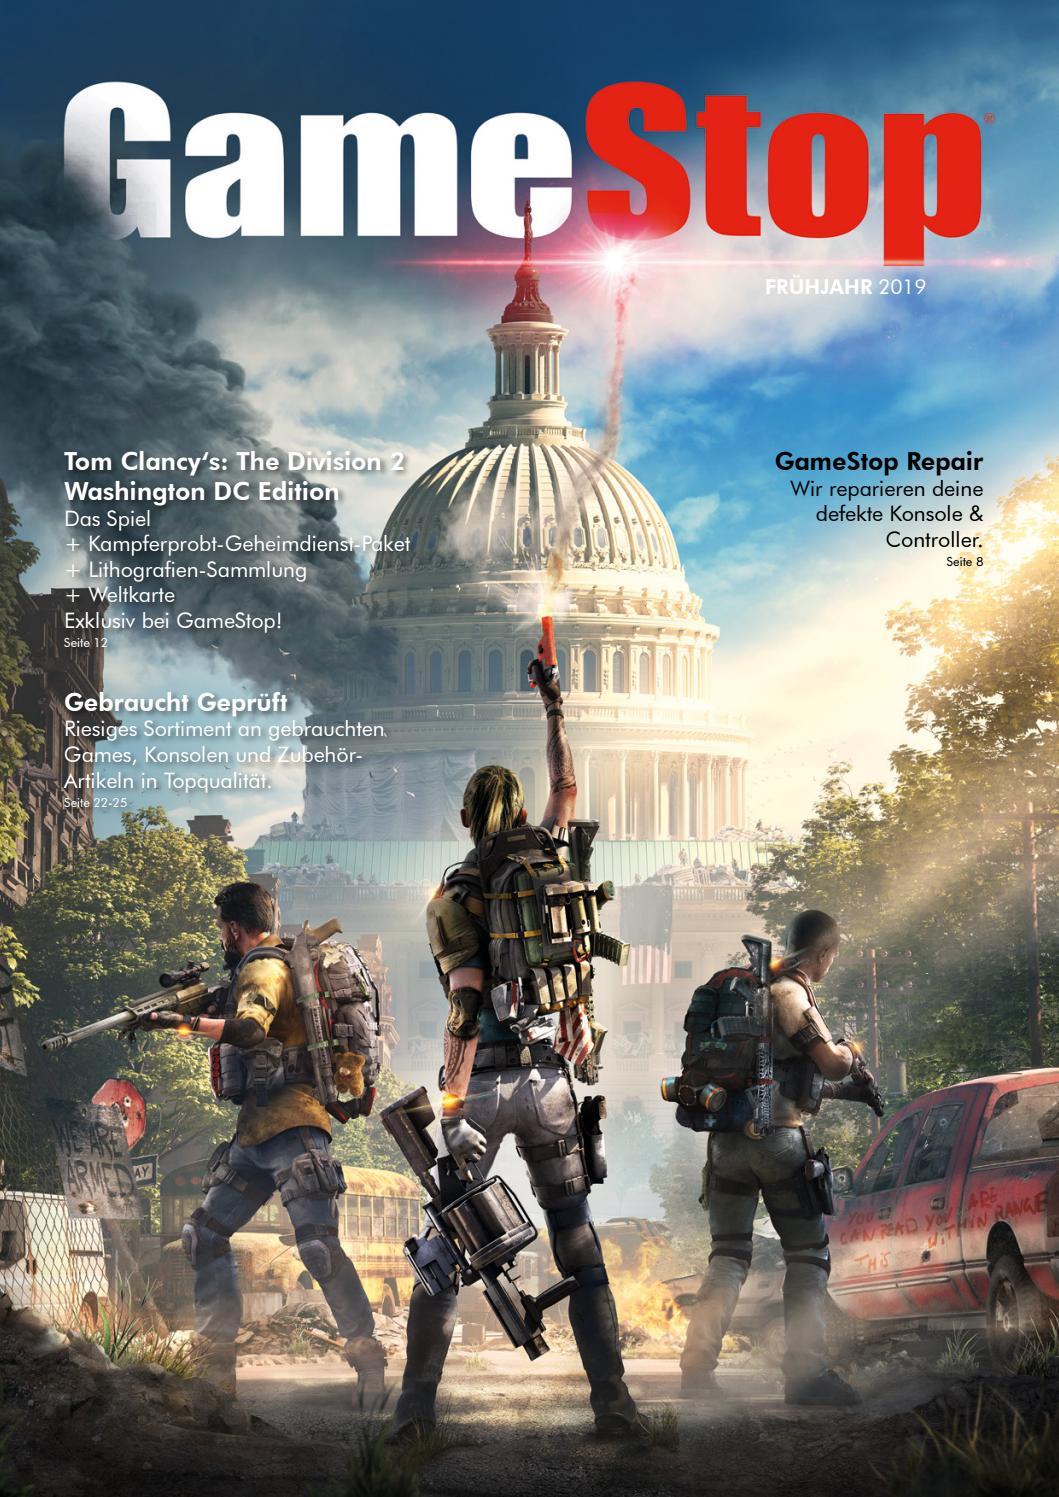 Gamestop Katalog Fruhjahr 2019 By Gamestop Issuu